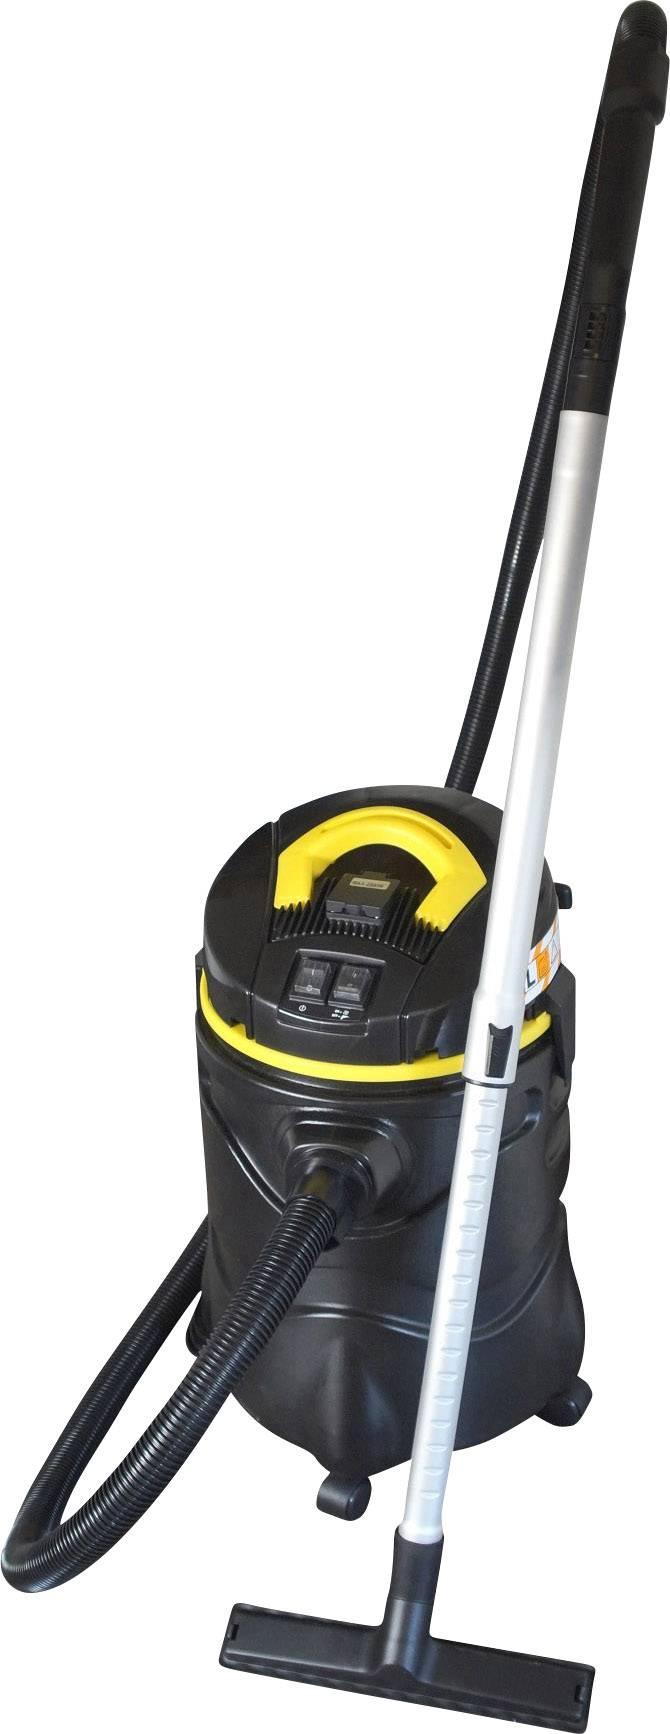 Mokrý / suchý vysávač Lavor Wash Pro Montage 8.666.3694, 1600 W, 30 l